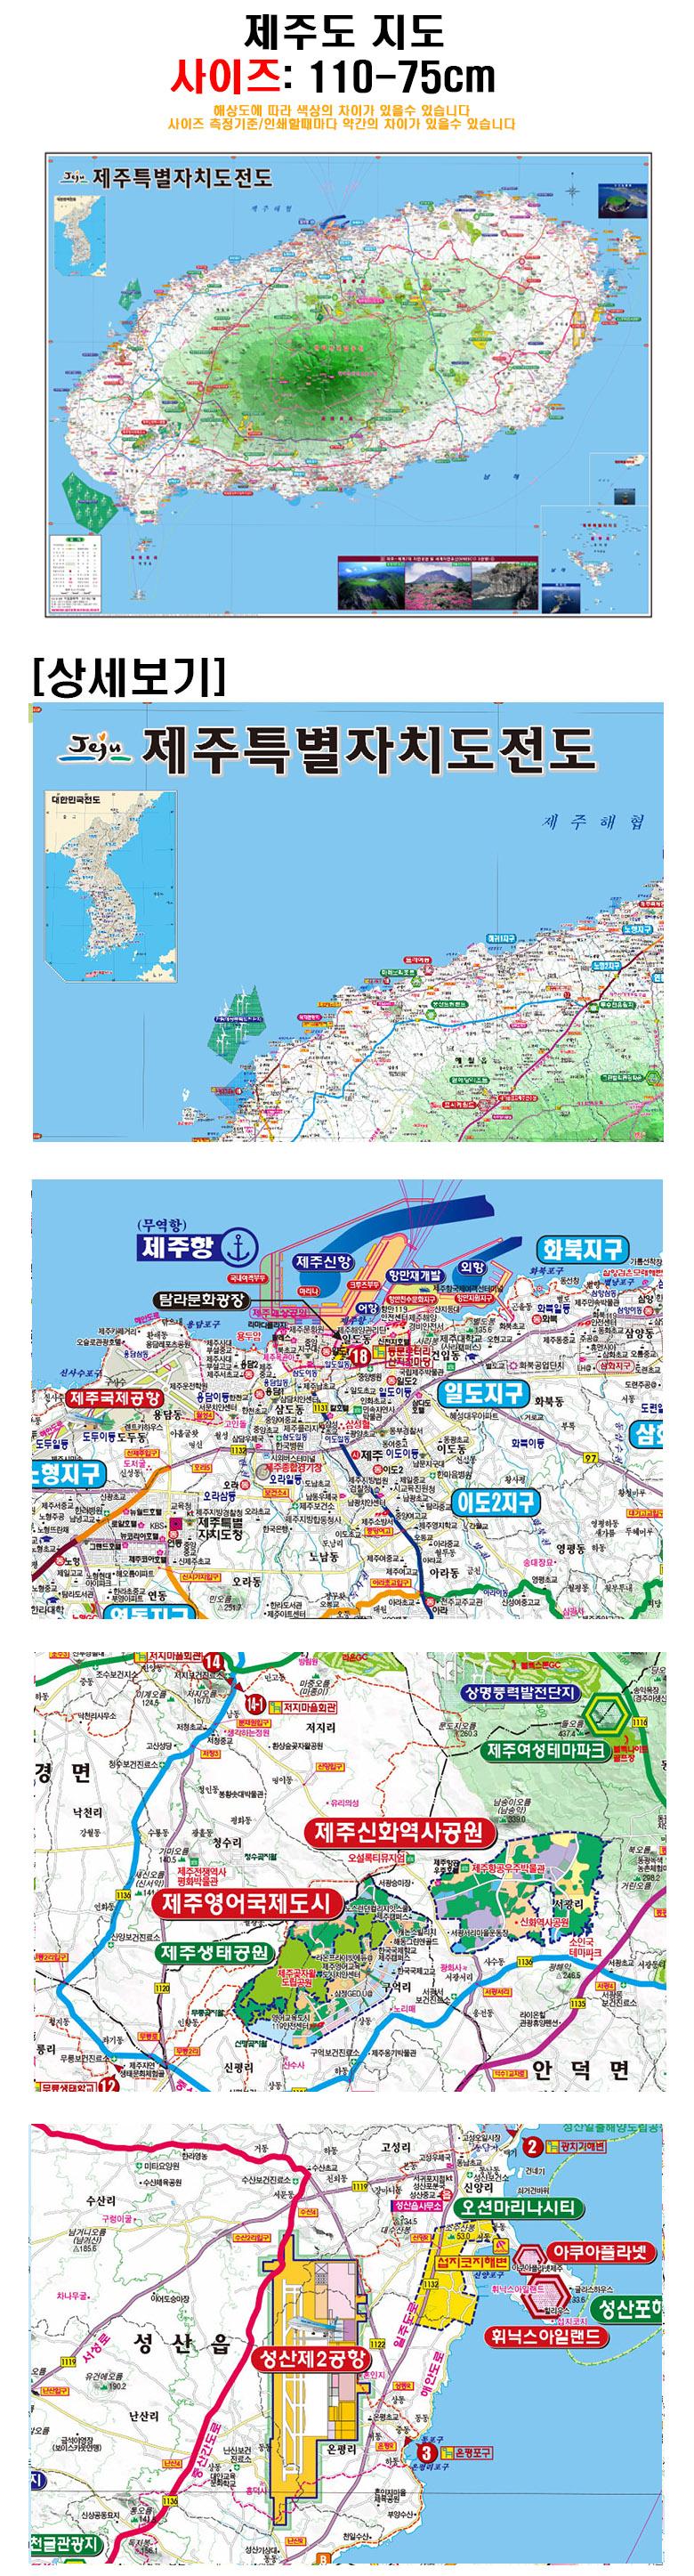 도별지도-소형코팅 택116,000원-지도공장여행/레포츠, 여행소품, 편의용품, 지도바보사랑도별지도-소형코팅 택116,000원-지도공장여행/레포츠, 여행소품, 편의용품, 지도바보사랑